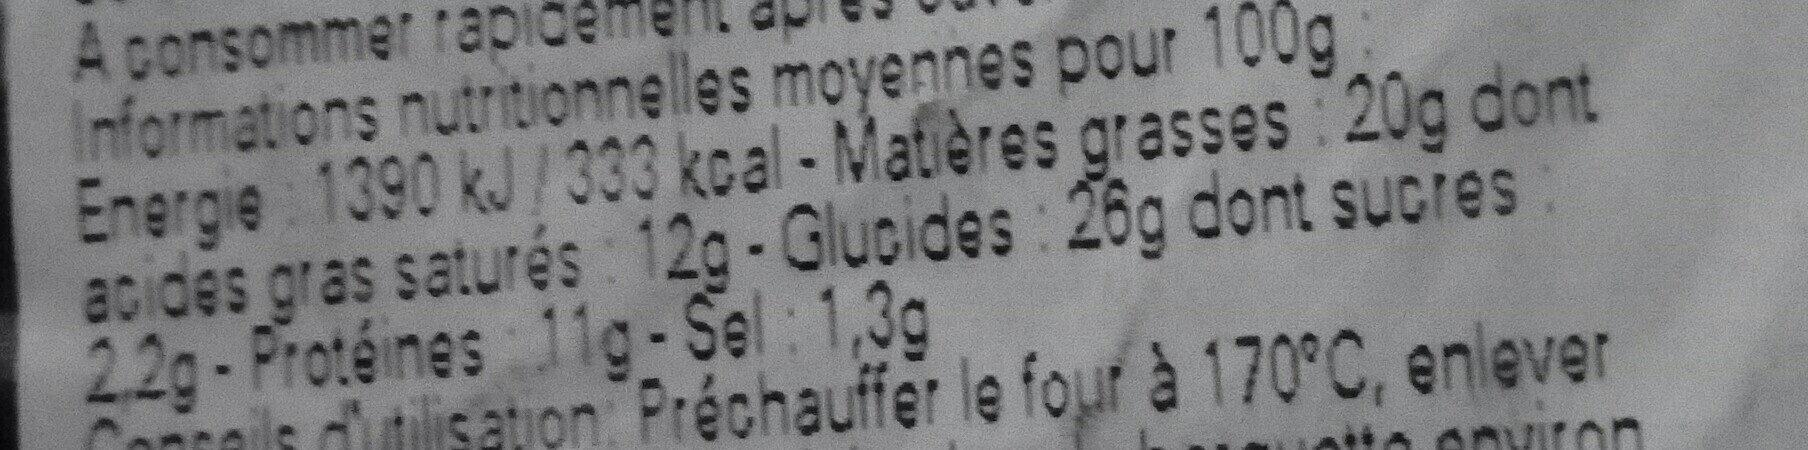 Petits chaussons dorés au thon - Informations nutritionnelles - fr